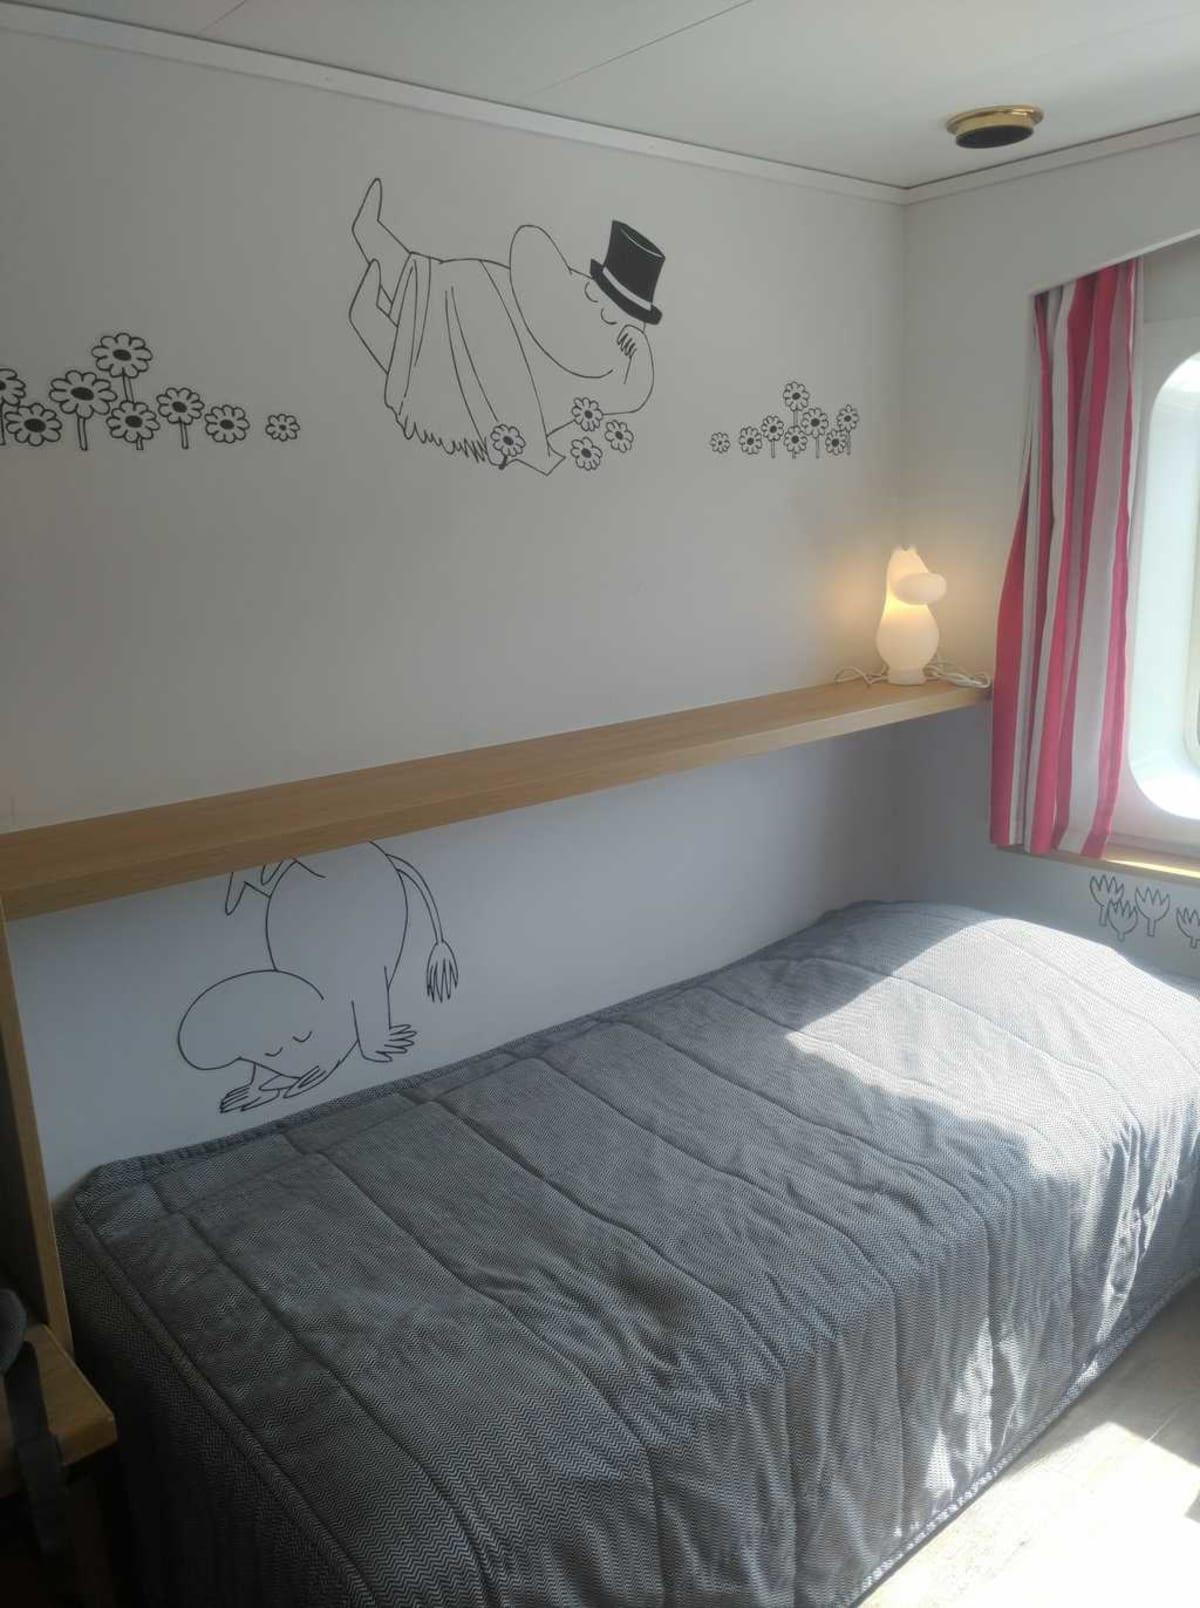 Moomin cabin | 客船シリヤ・セレナーデの客室